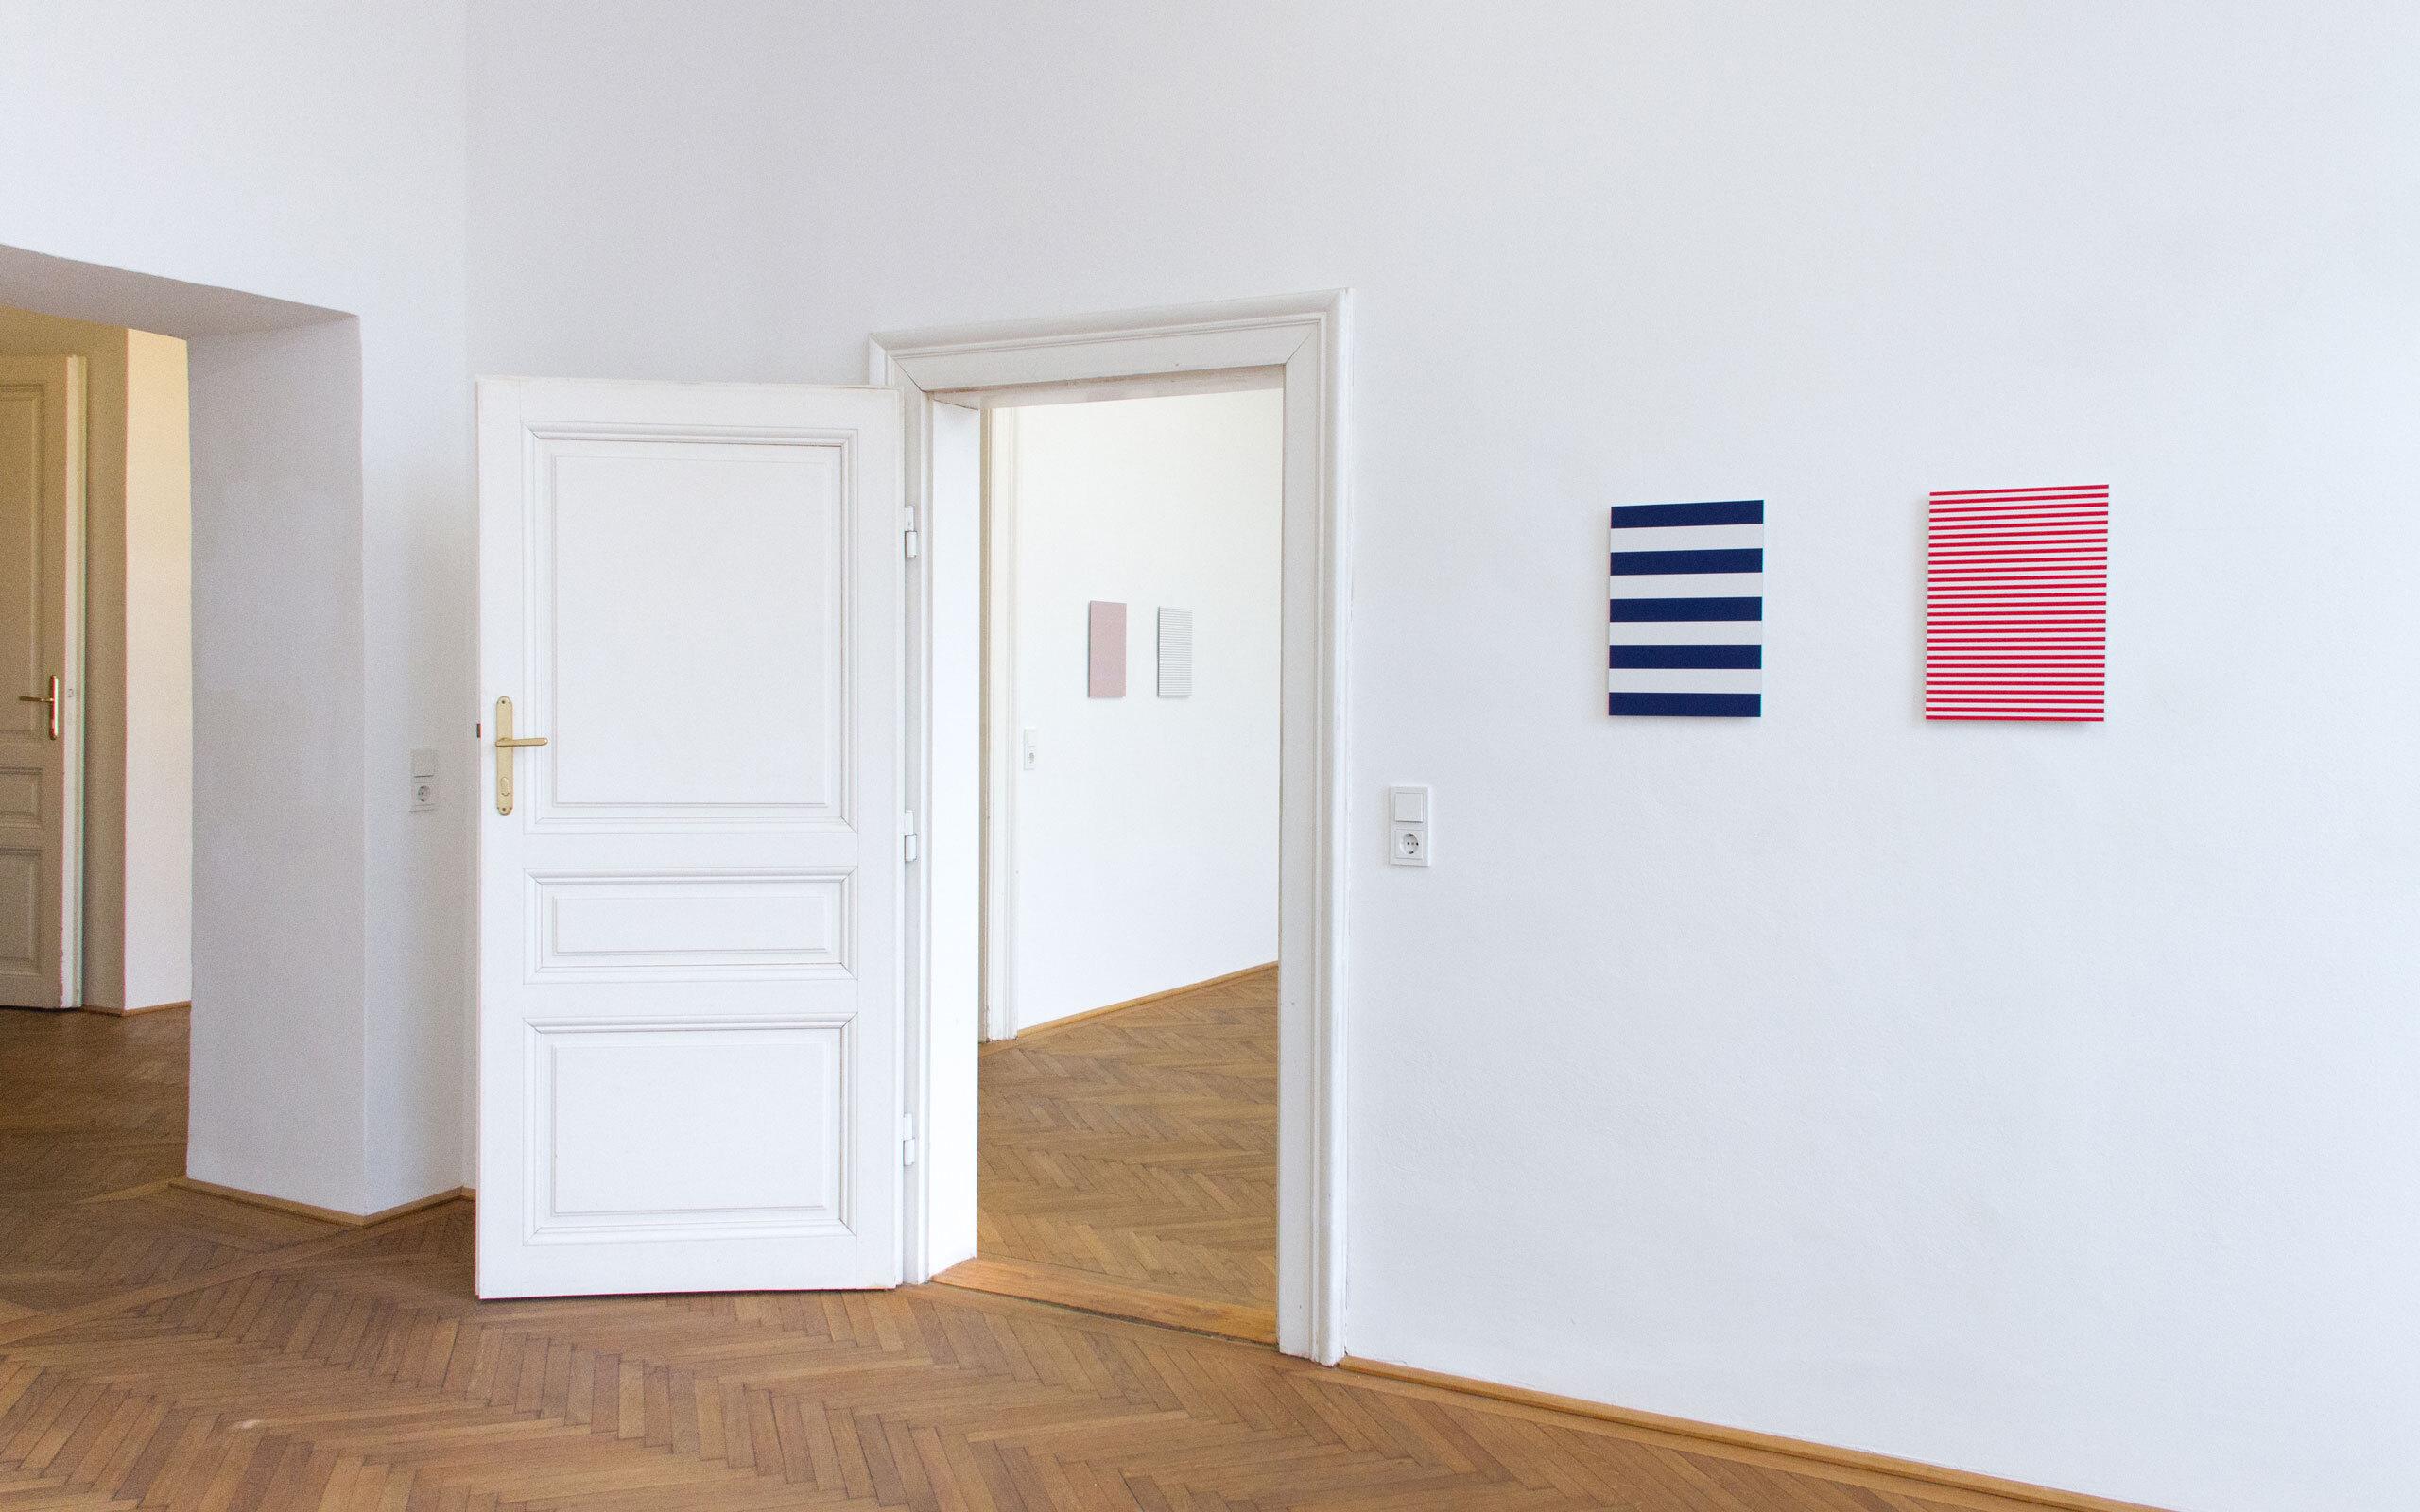 15 e stocker j dahlgren rules of abstraction fjk3